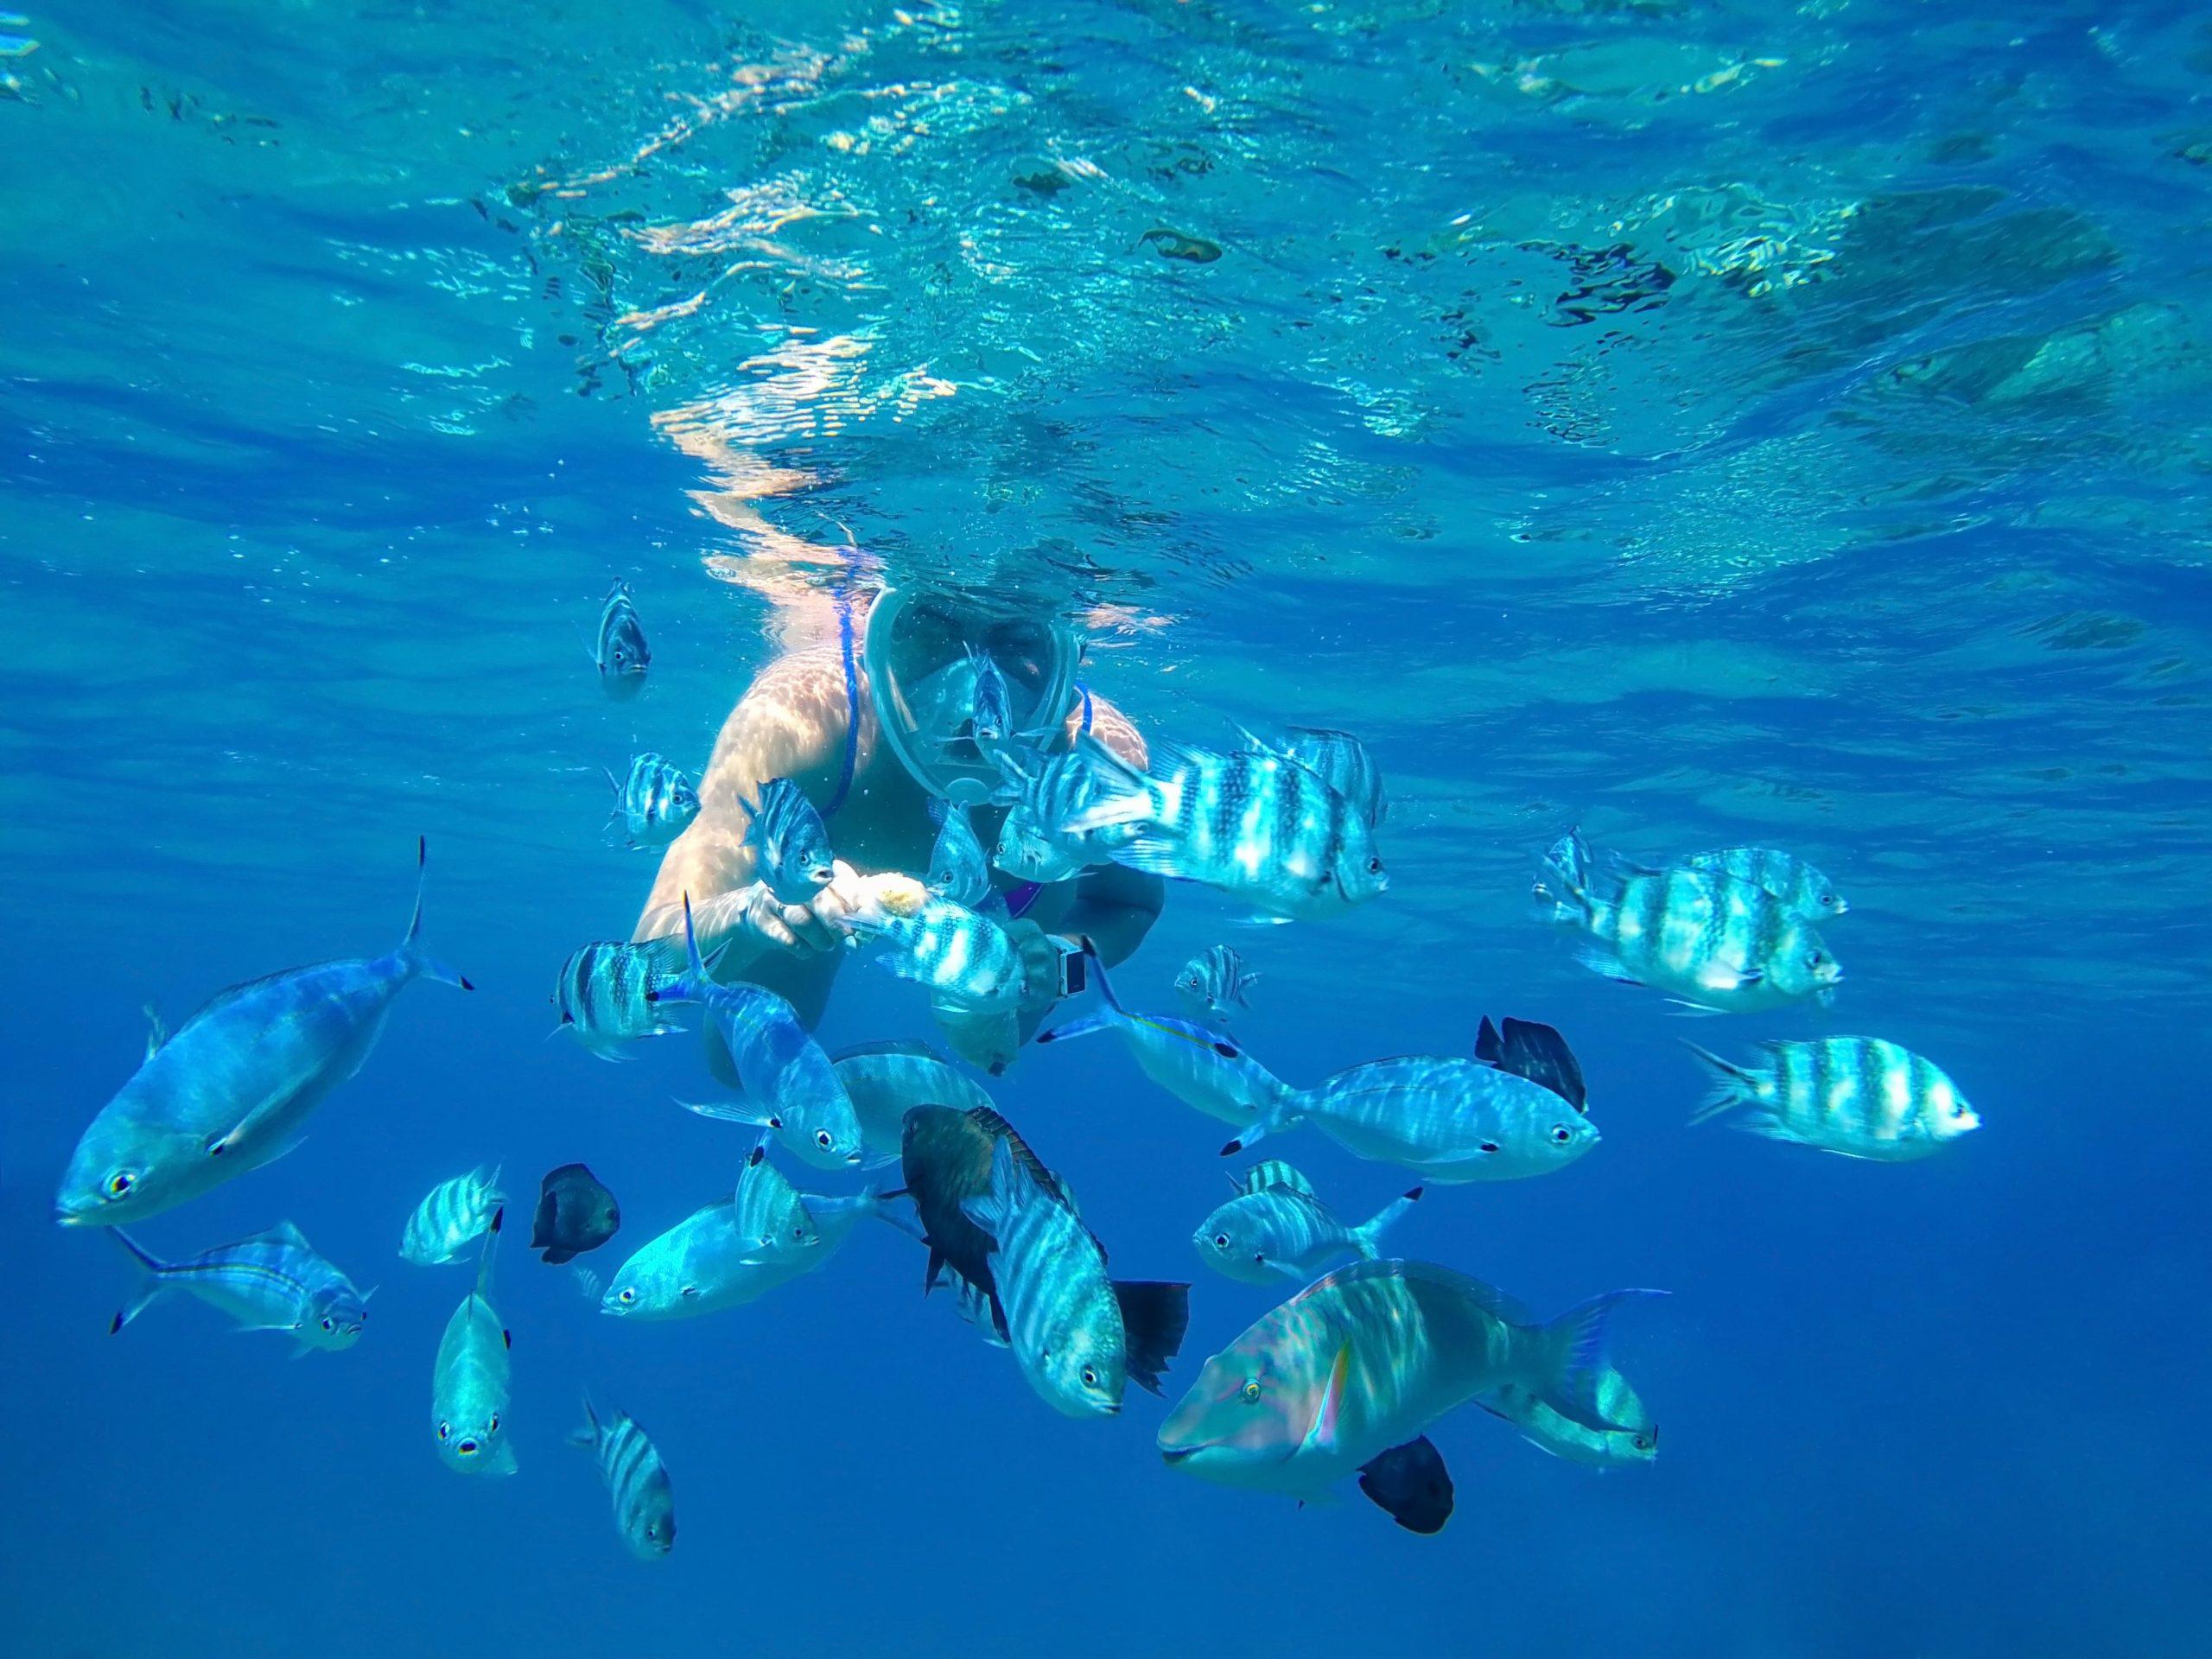 snorkeling-tanjung-benoa-bali